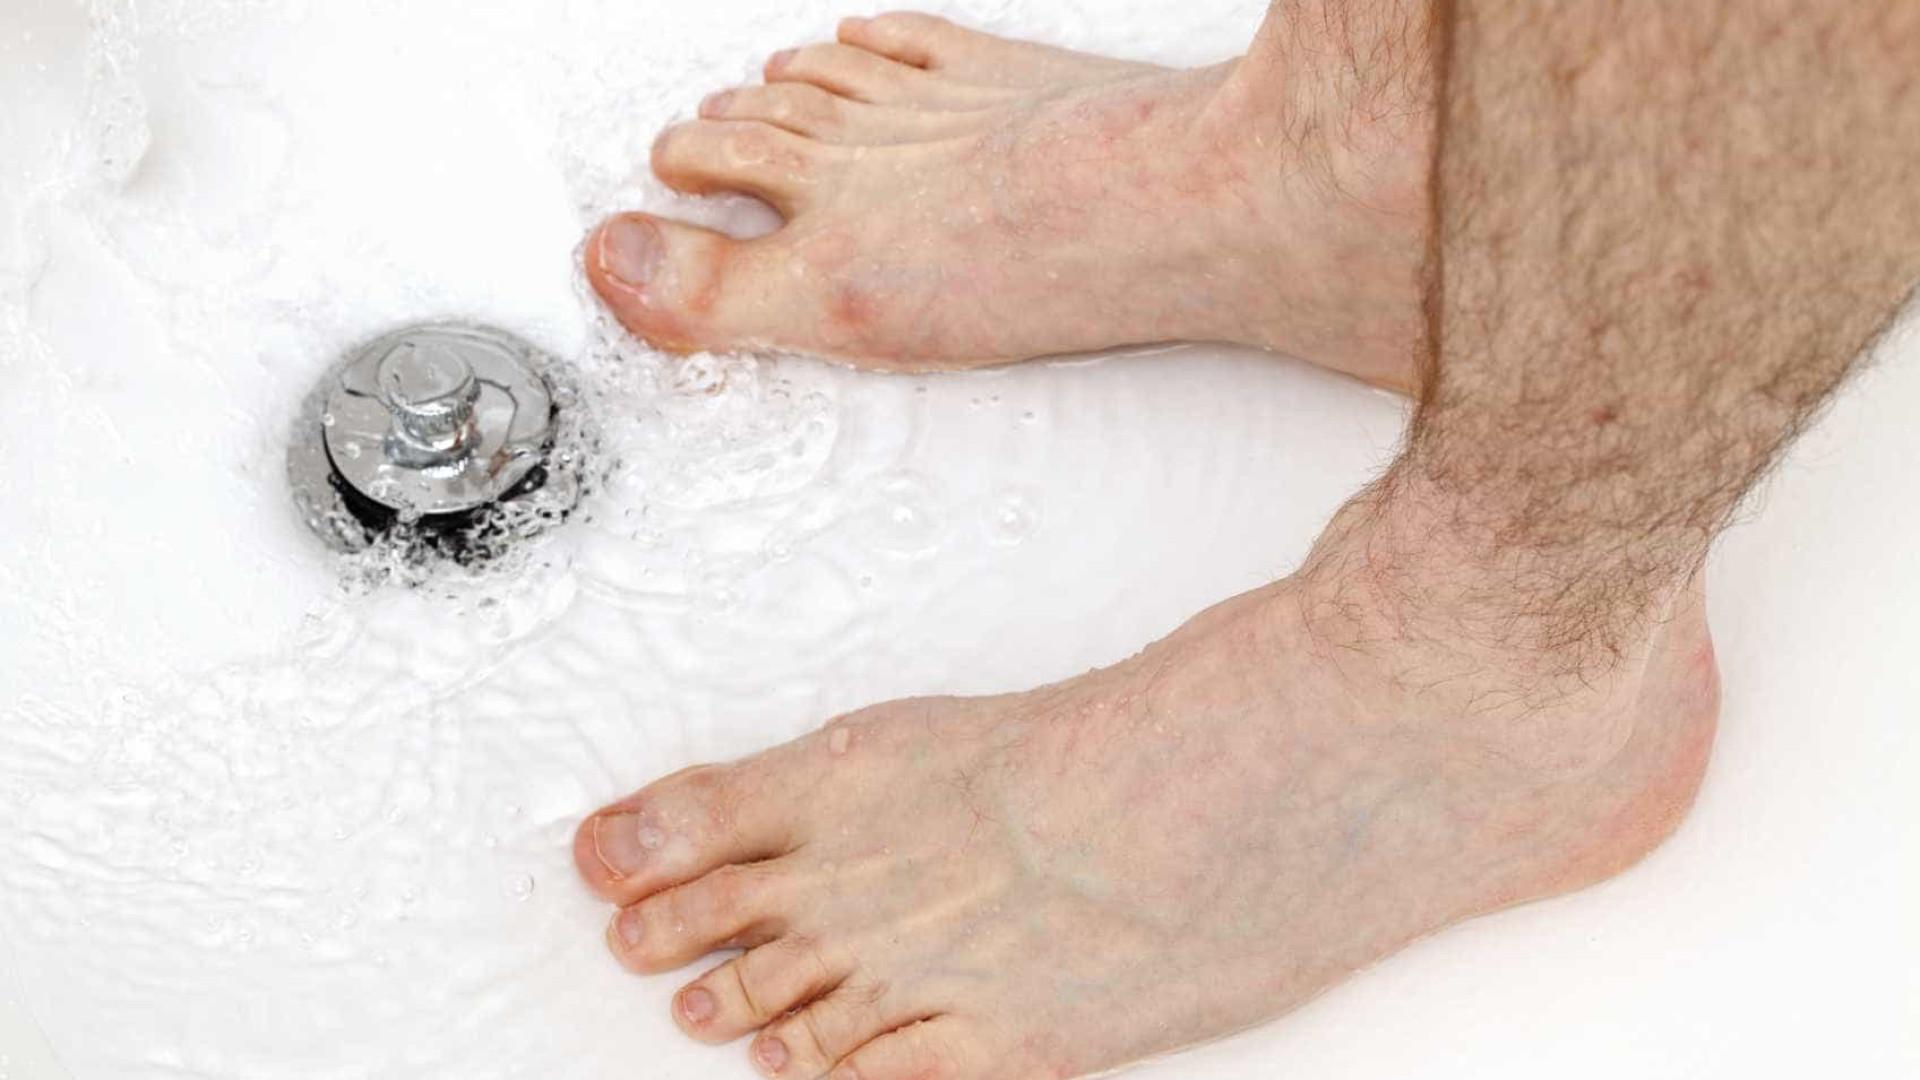 Urinar no banho? Há oito bons motivos para fazê-lo